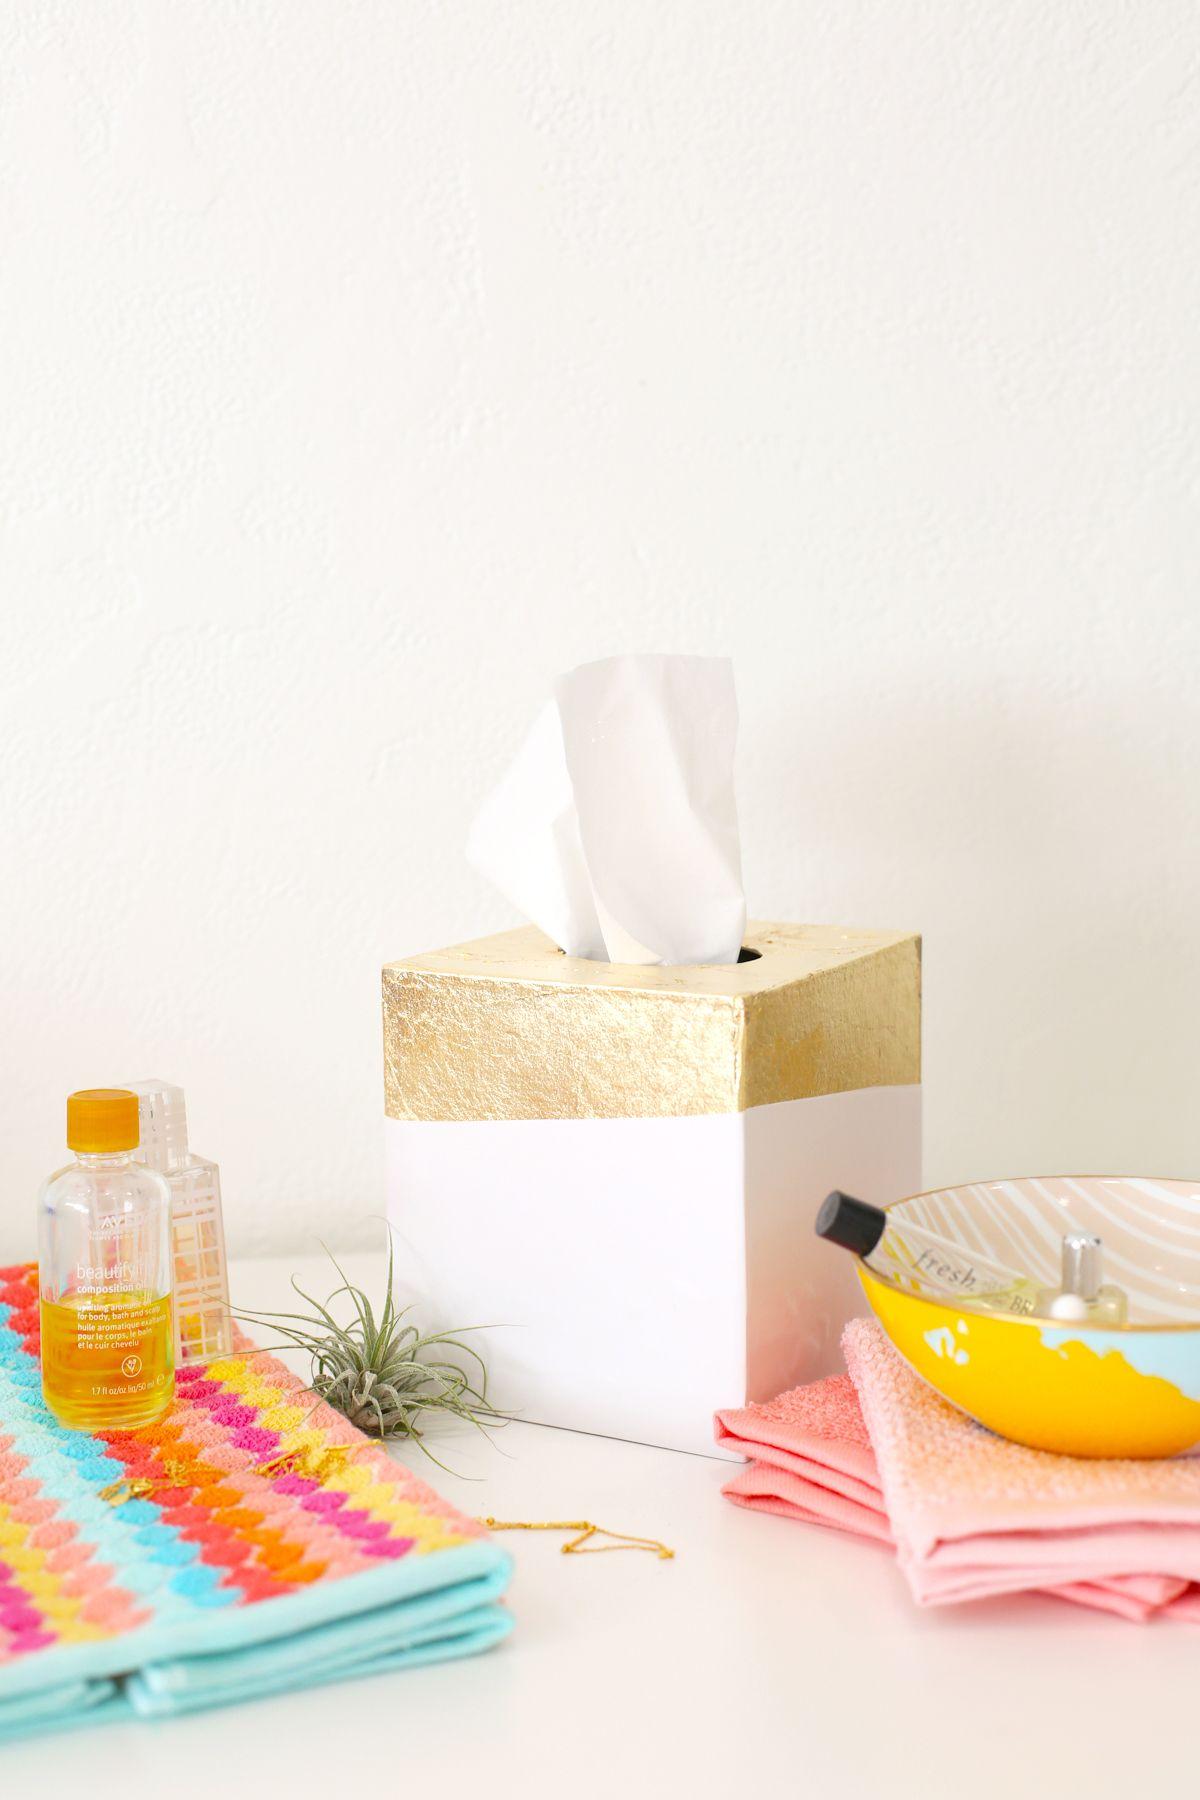 diy gold leaf tissue box holder no selfies in the. Black Bedroom Furniture Sets. Home Design Ideas